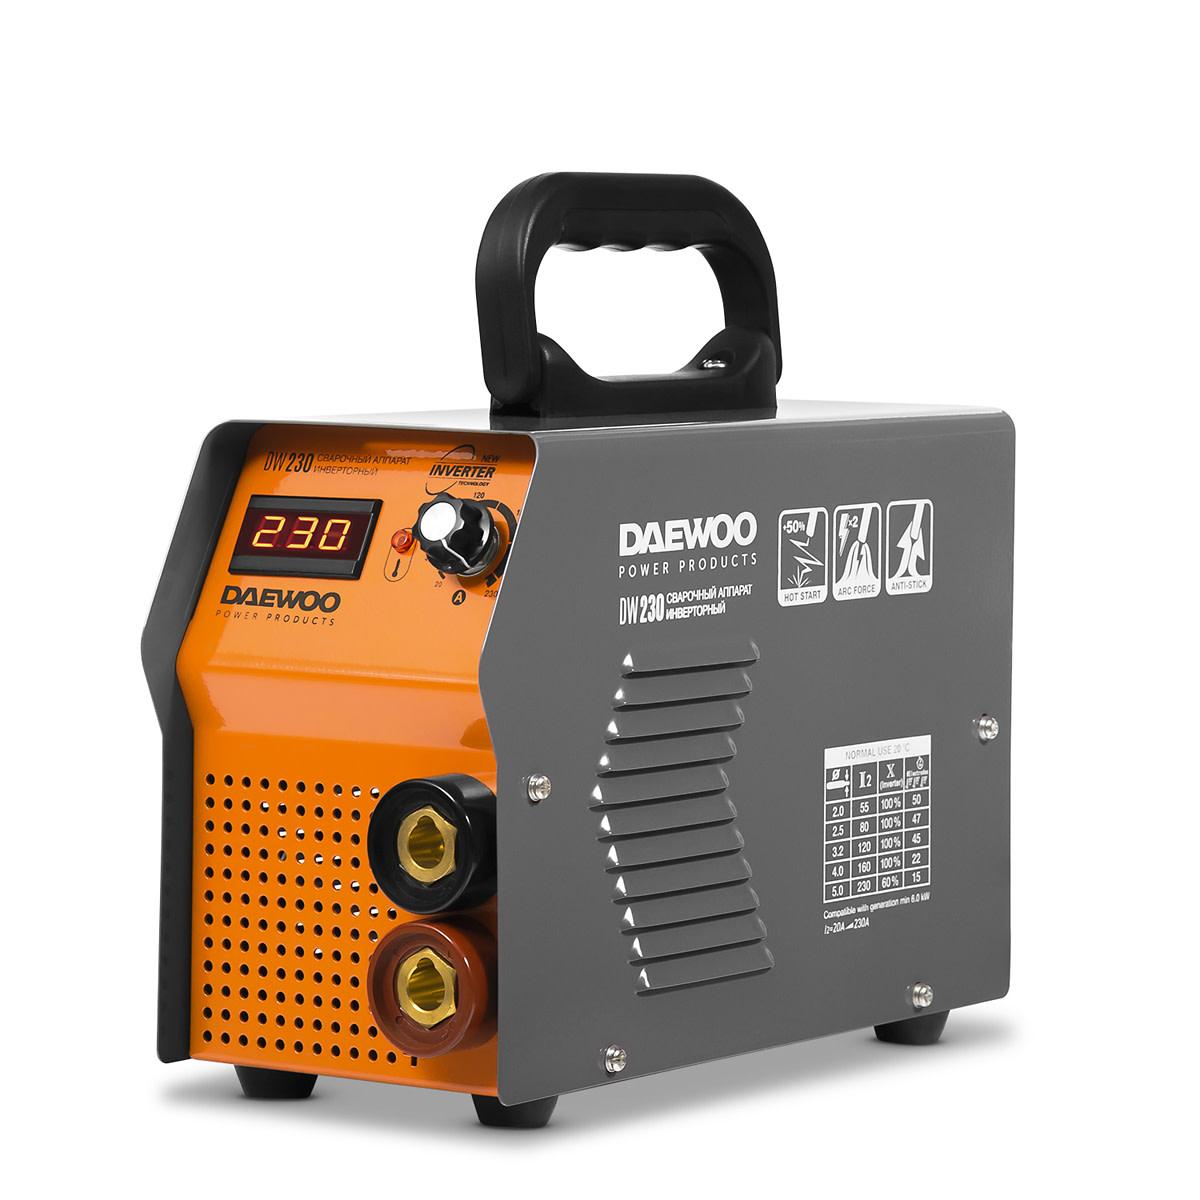 Дуговой Сварочный Инвертор Daewoo Dw 230